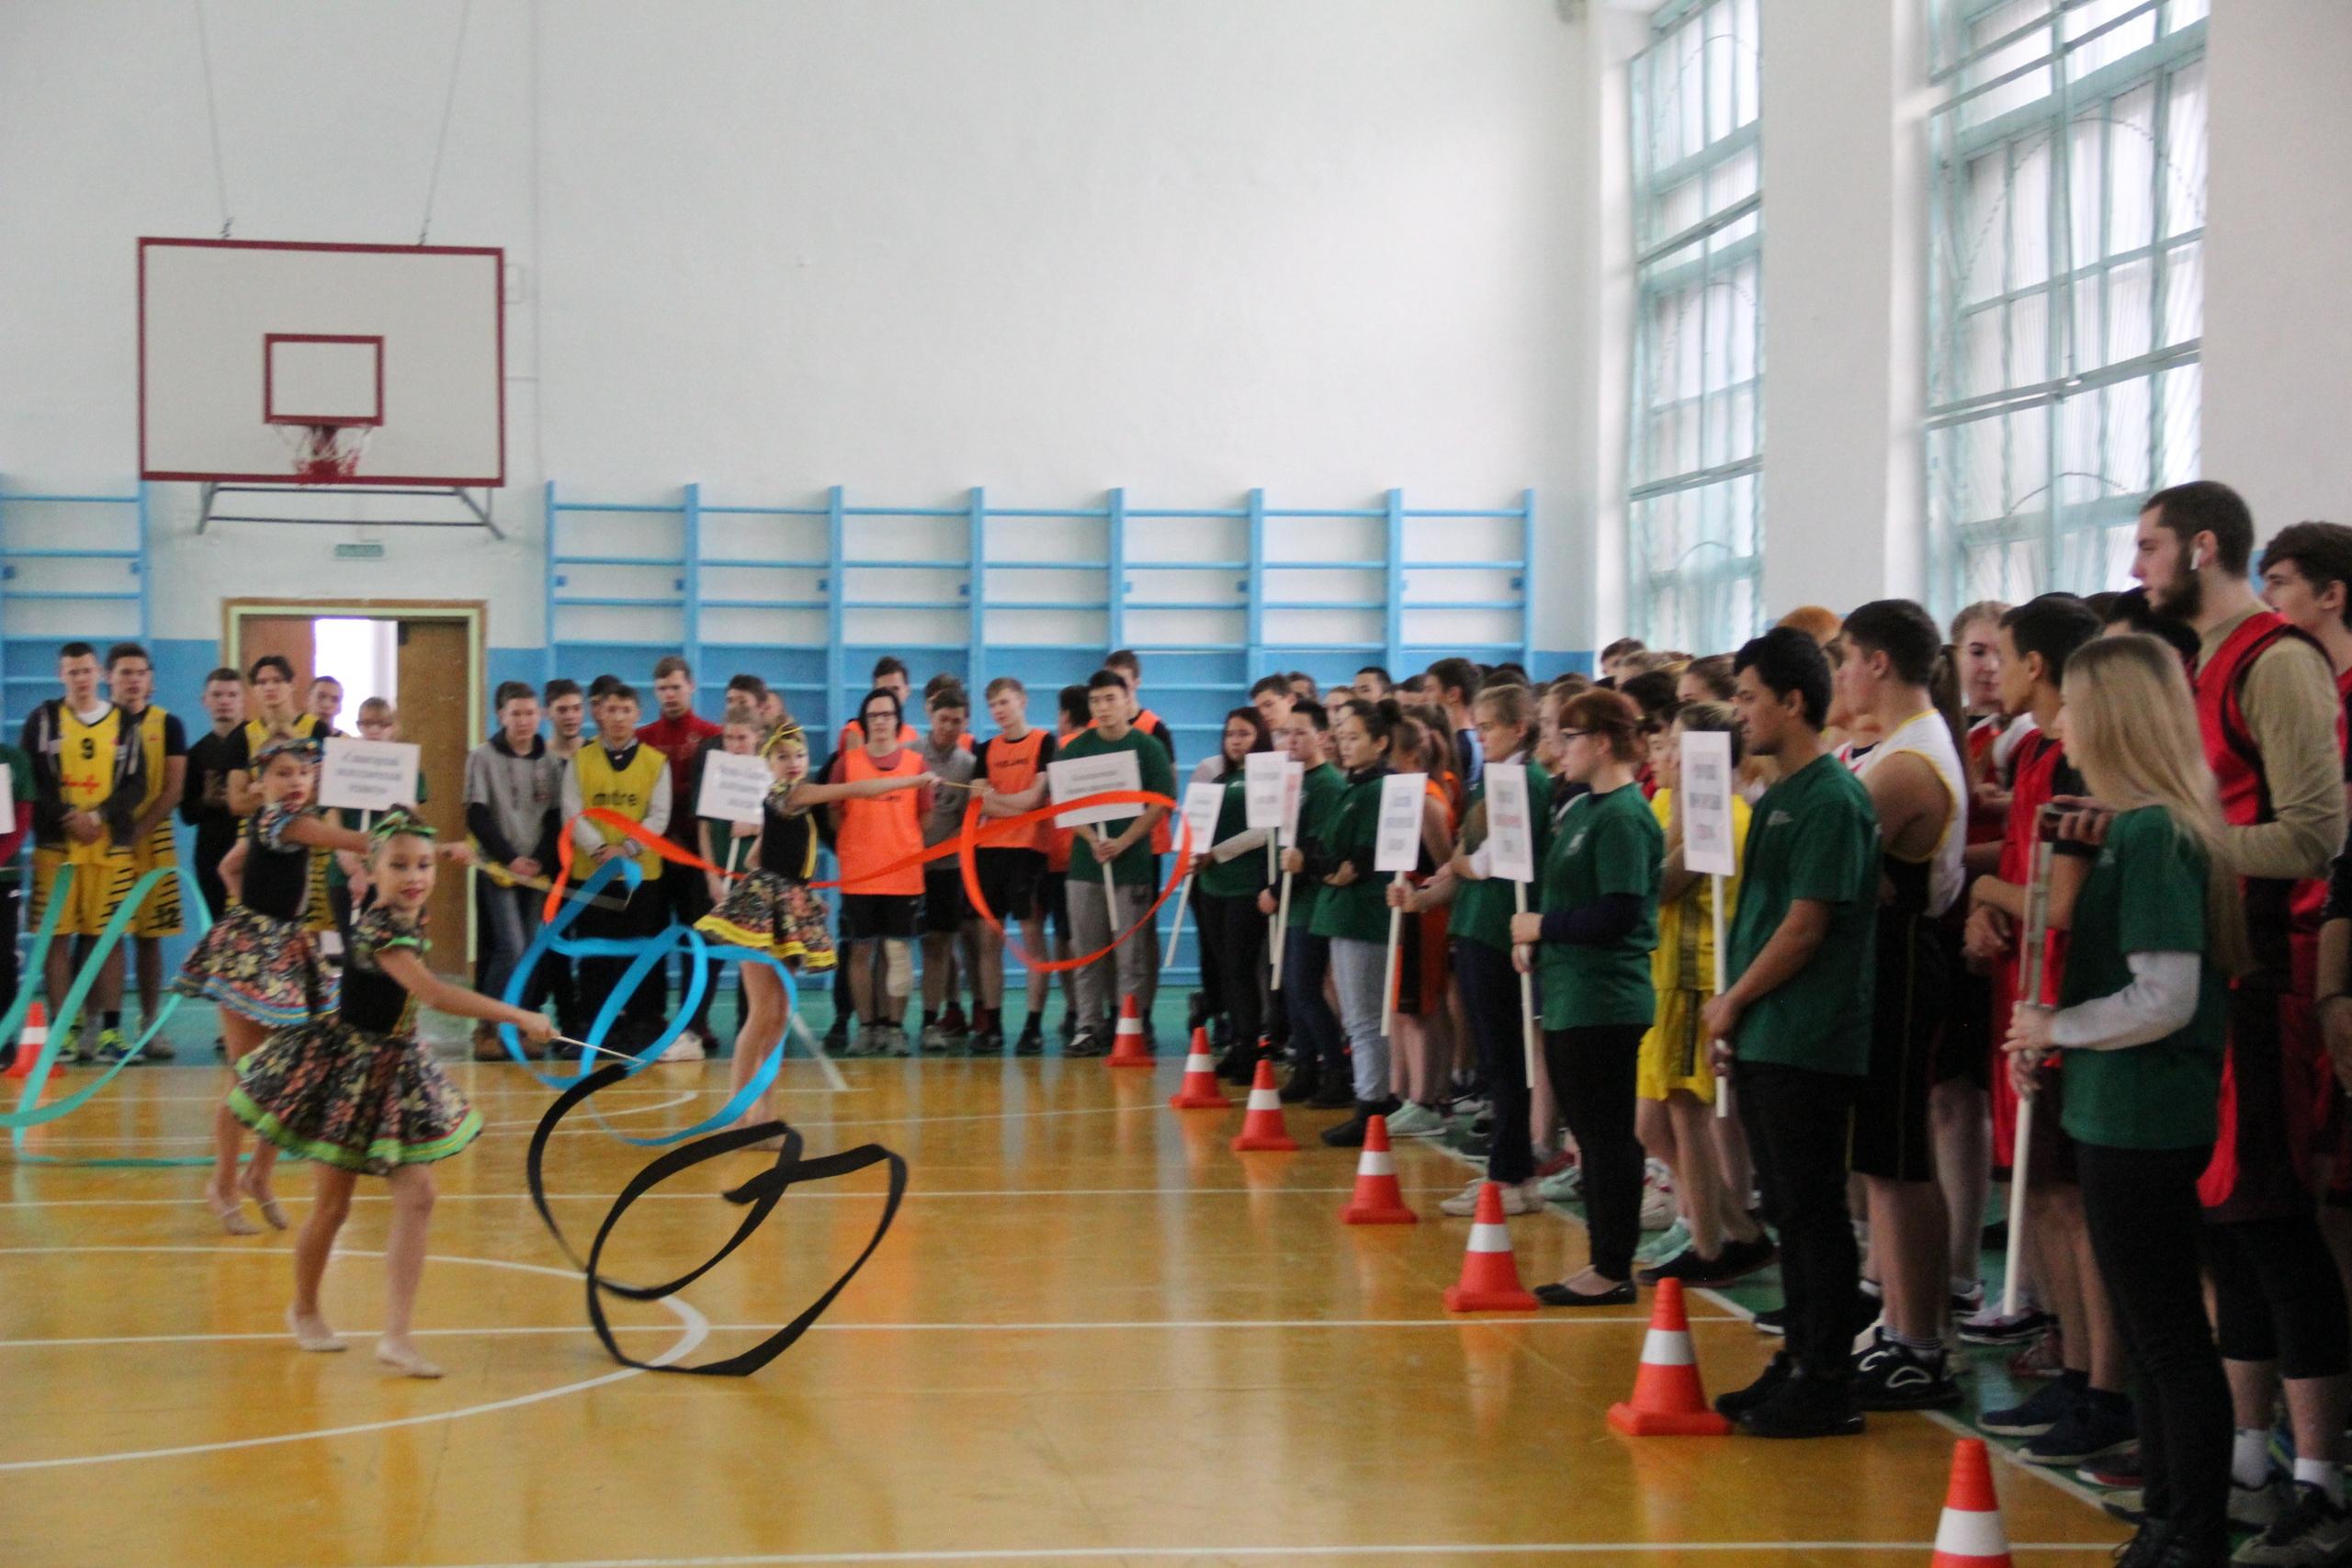 15 ноября прошли соревнования по баскетболу в рамках VI Спартакиады